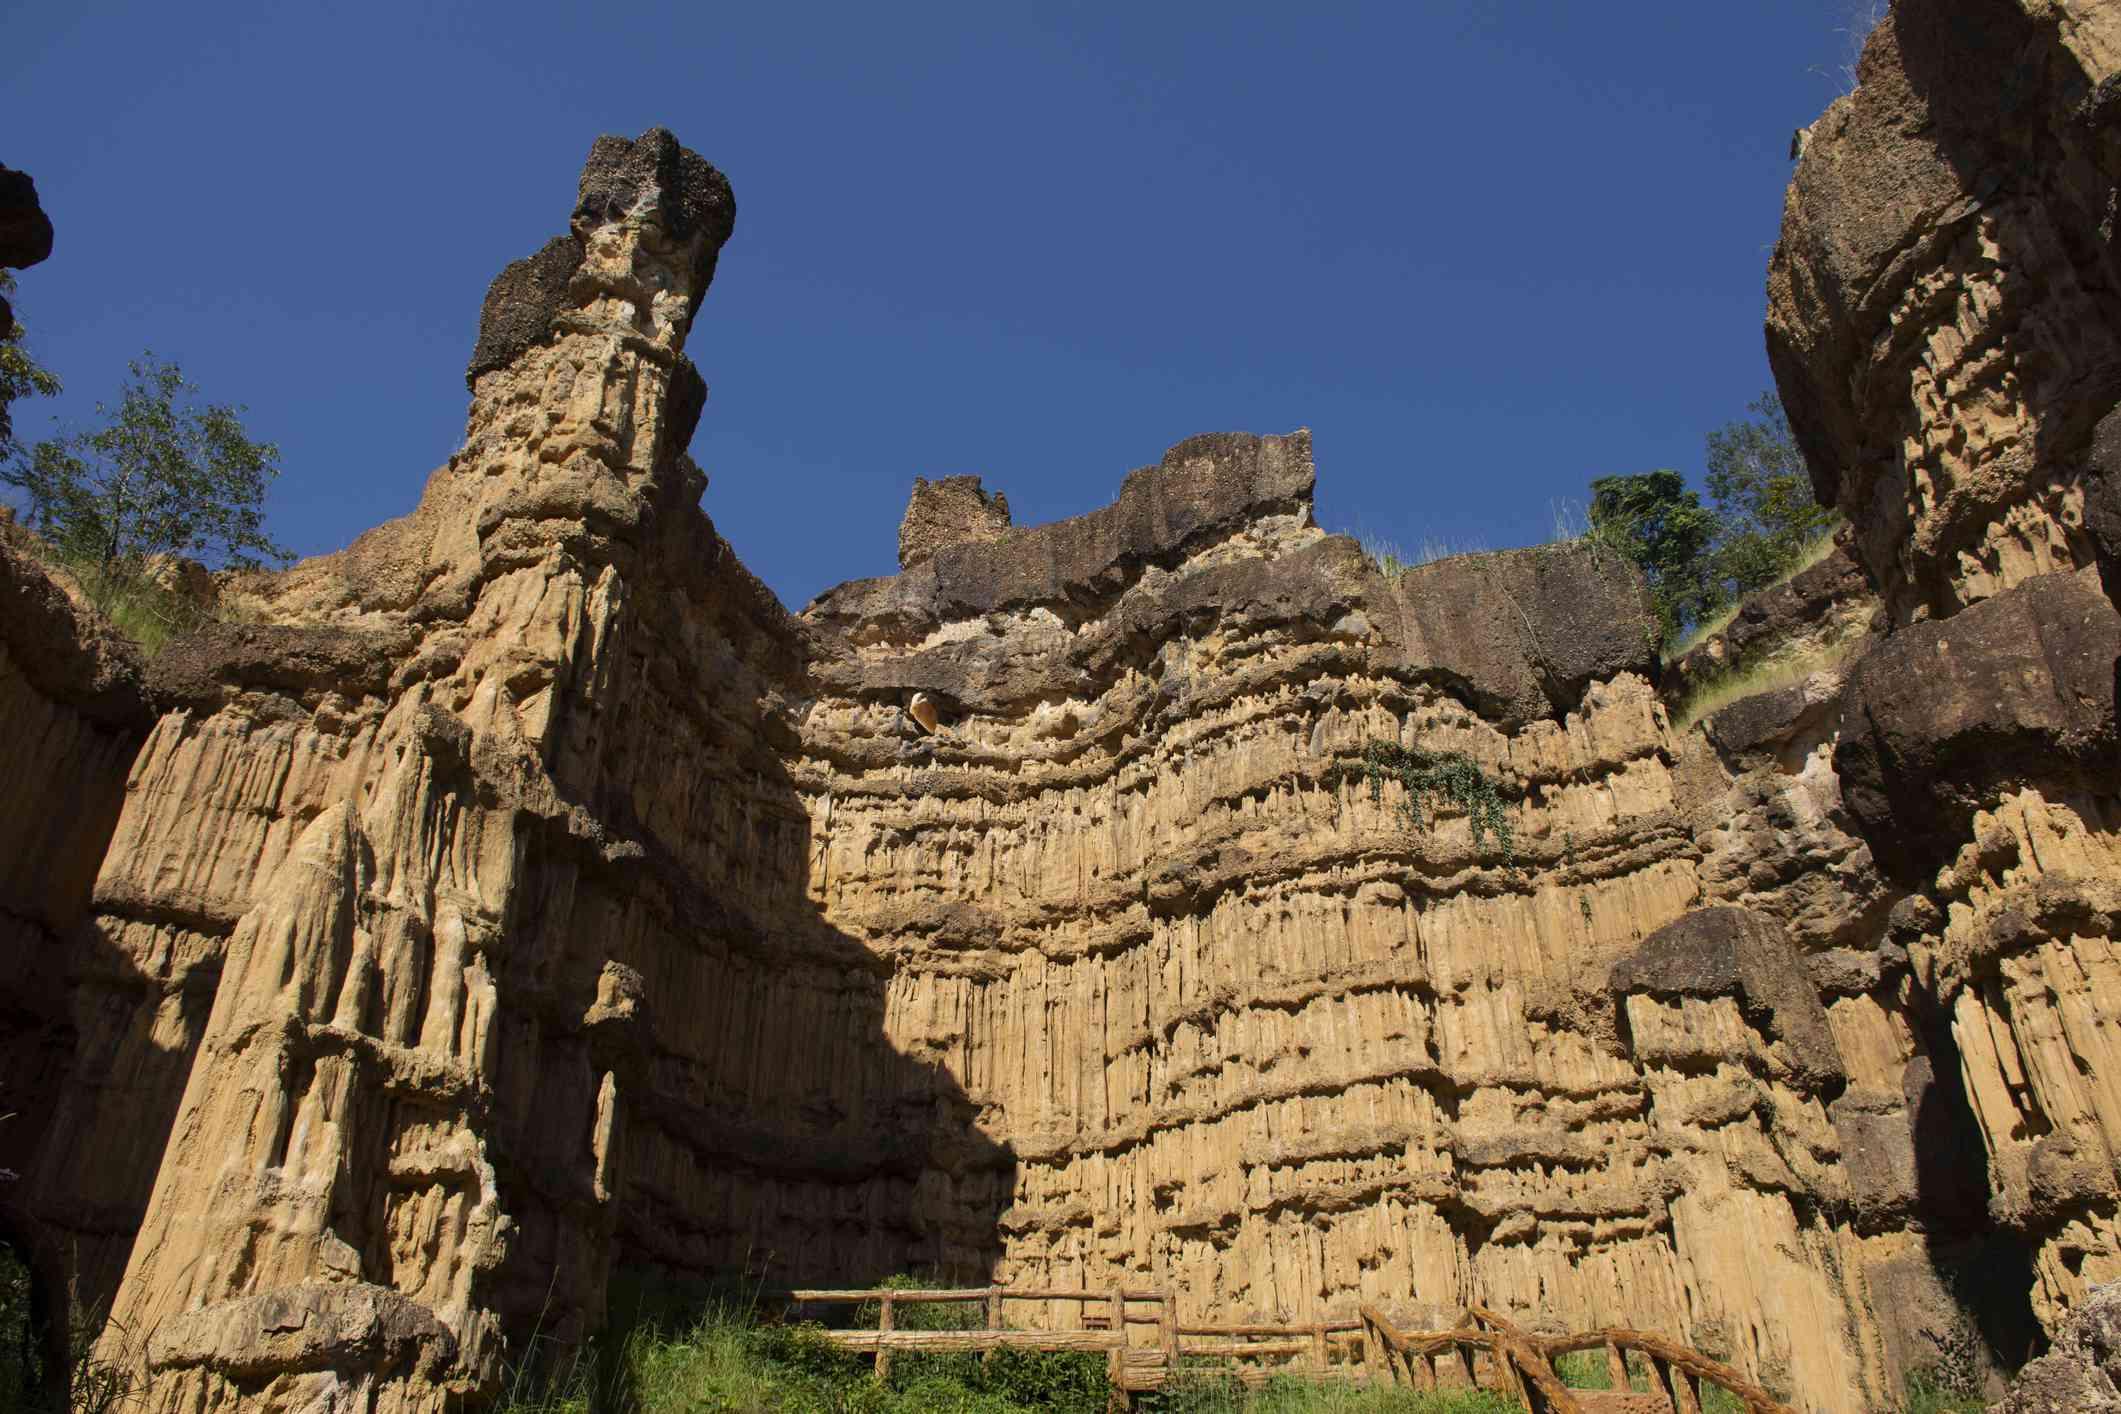 Mae Wang National Park